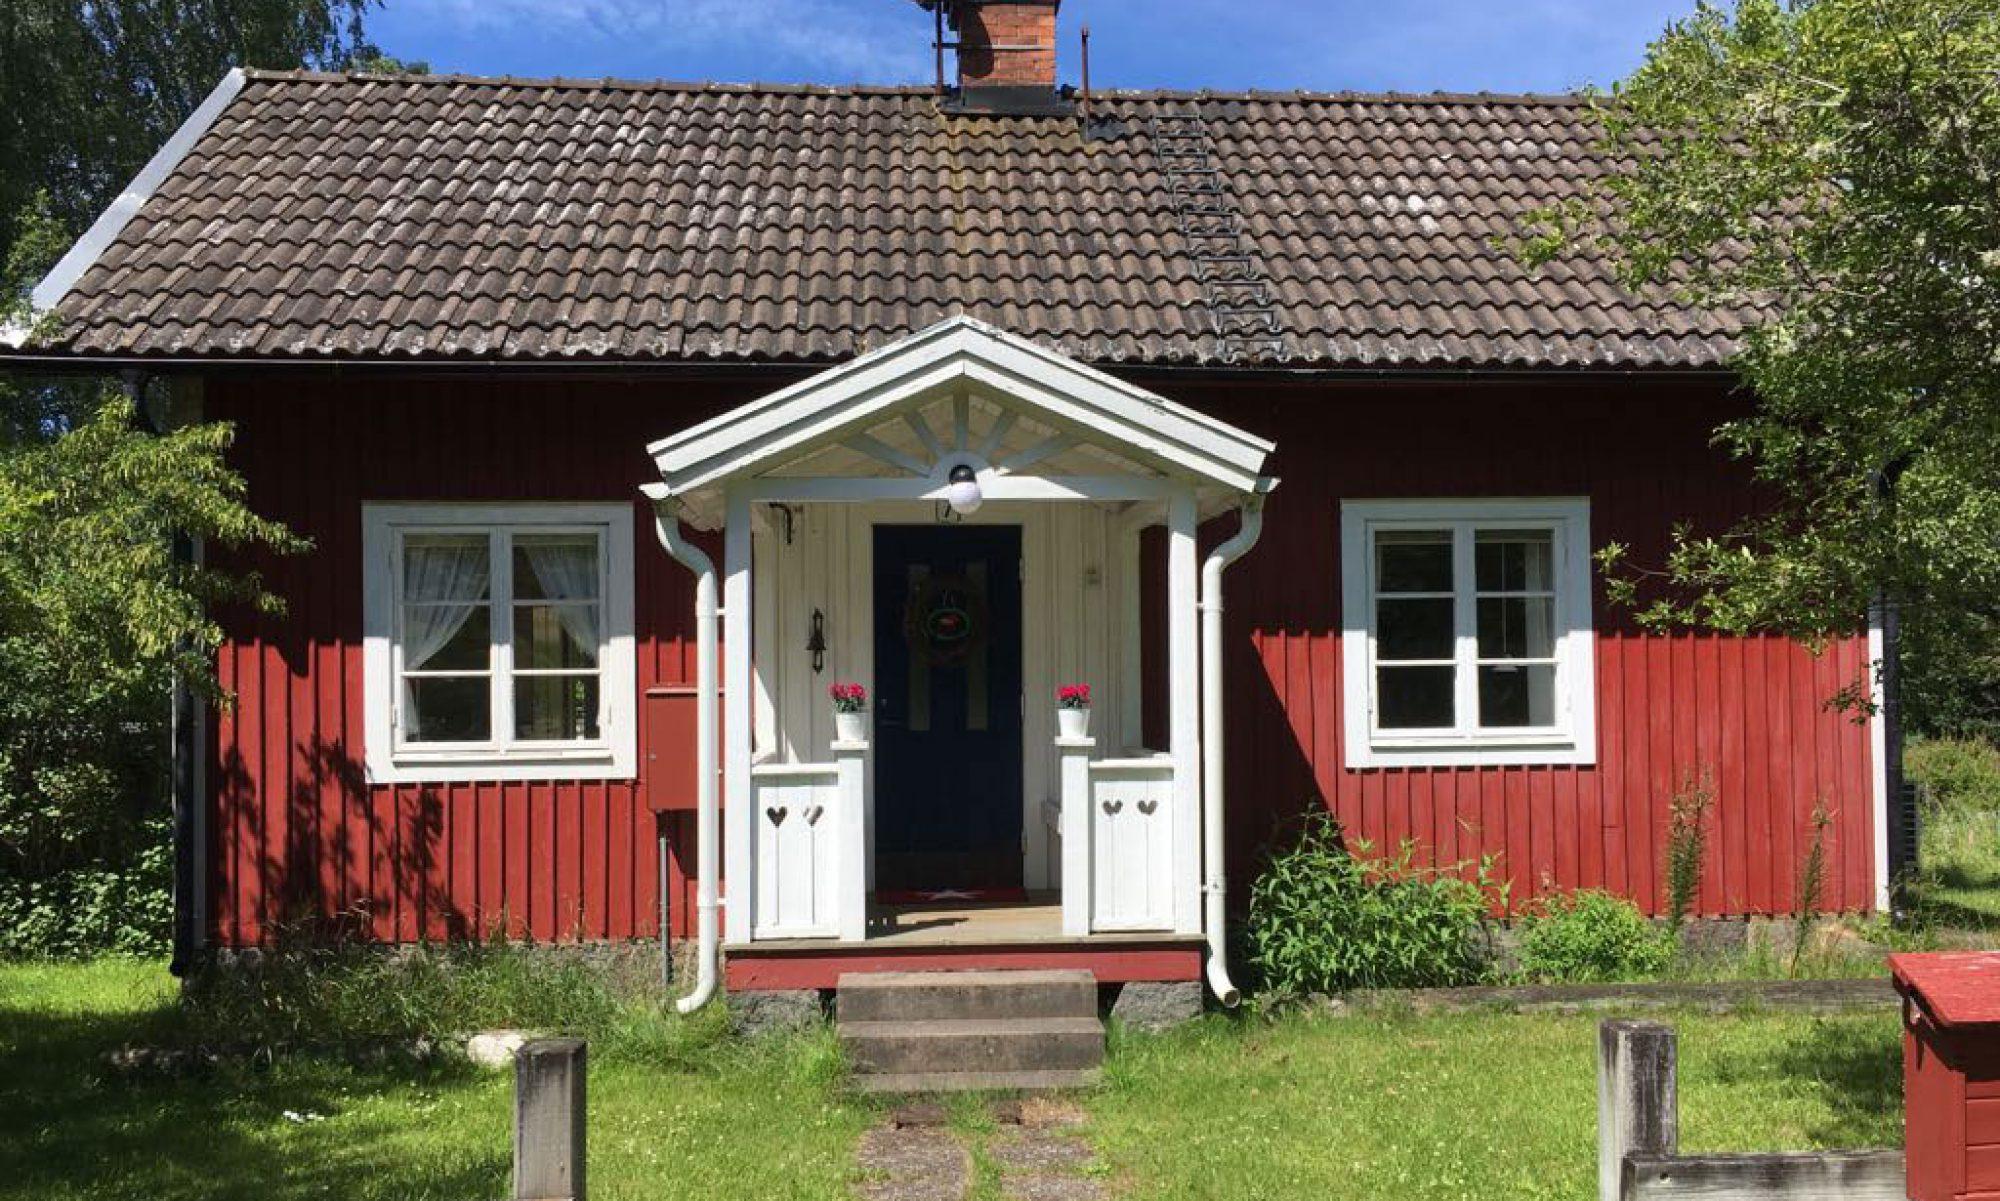 Ferienhaus in Smaland/Schweden